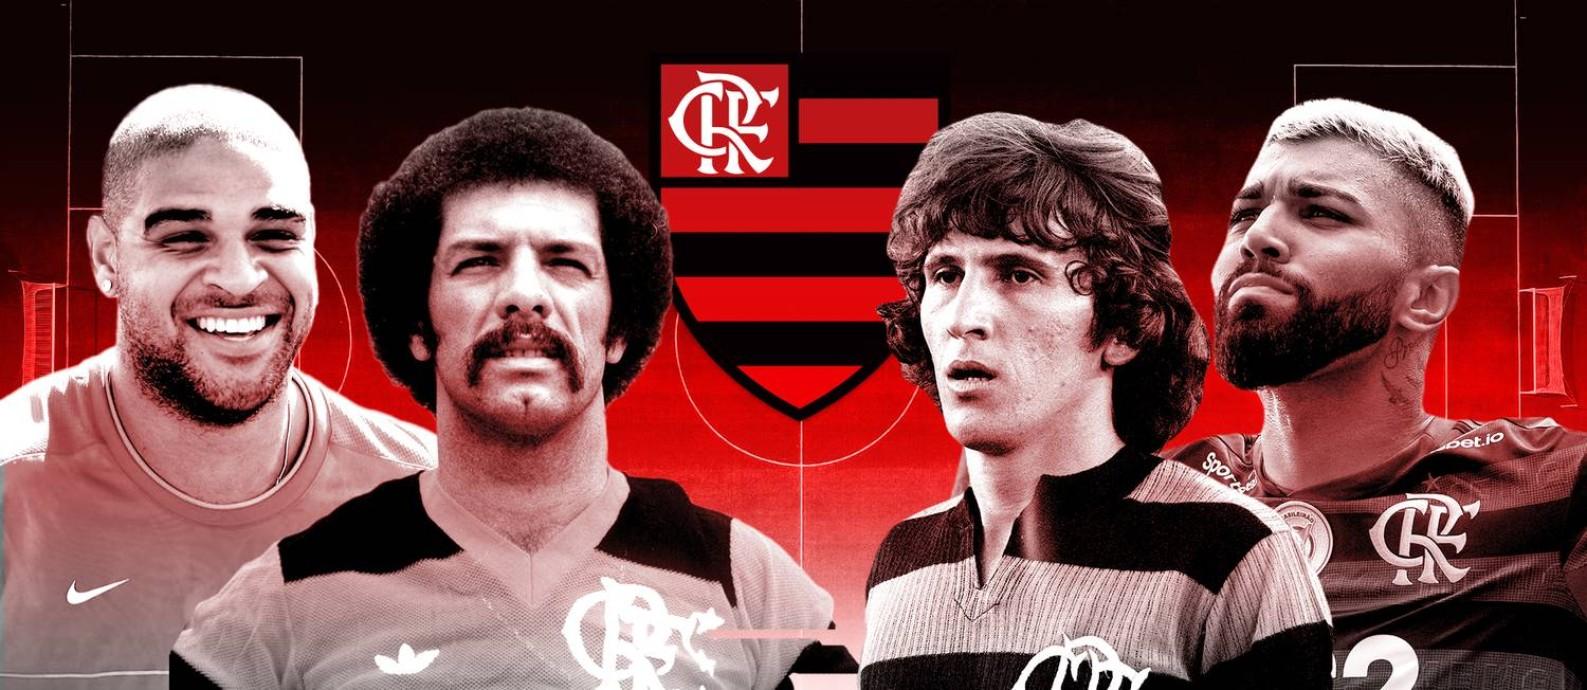 Top-30: os maiores ídolos da história do Flamengo Foto: Editoria de Arte